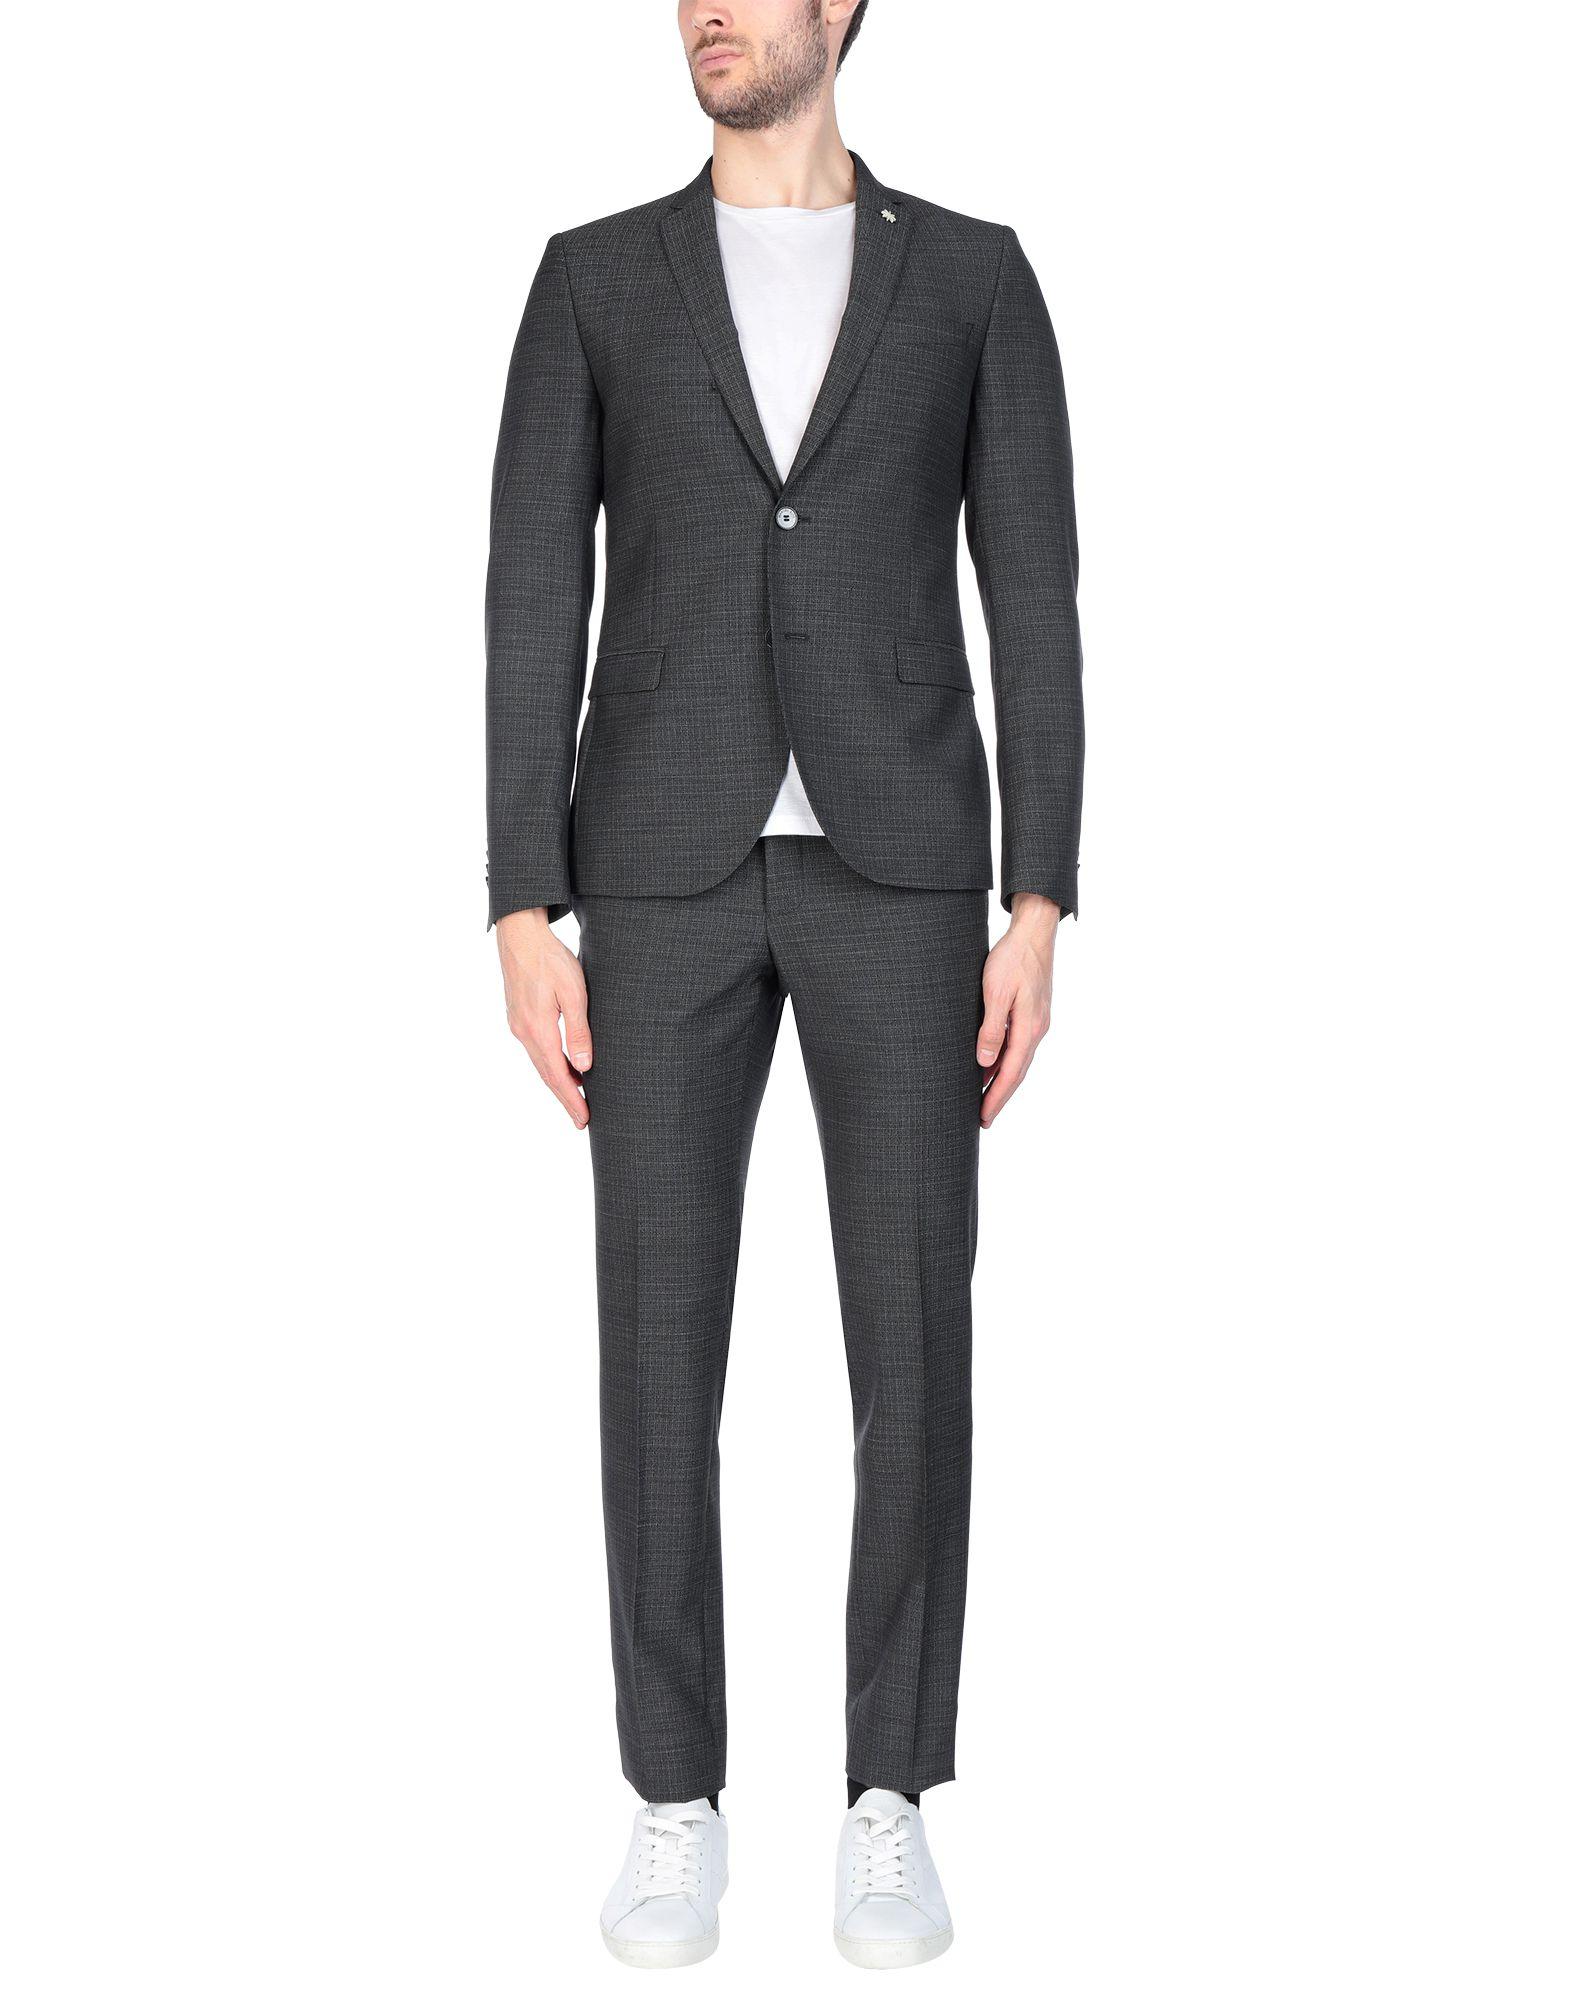 《送料無料》MANUEL RITZ メンズ スーツ スチールグレー 48 バージンウール 100%